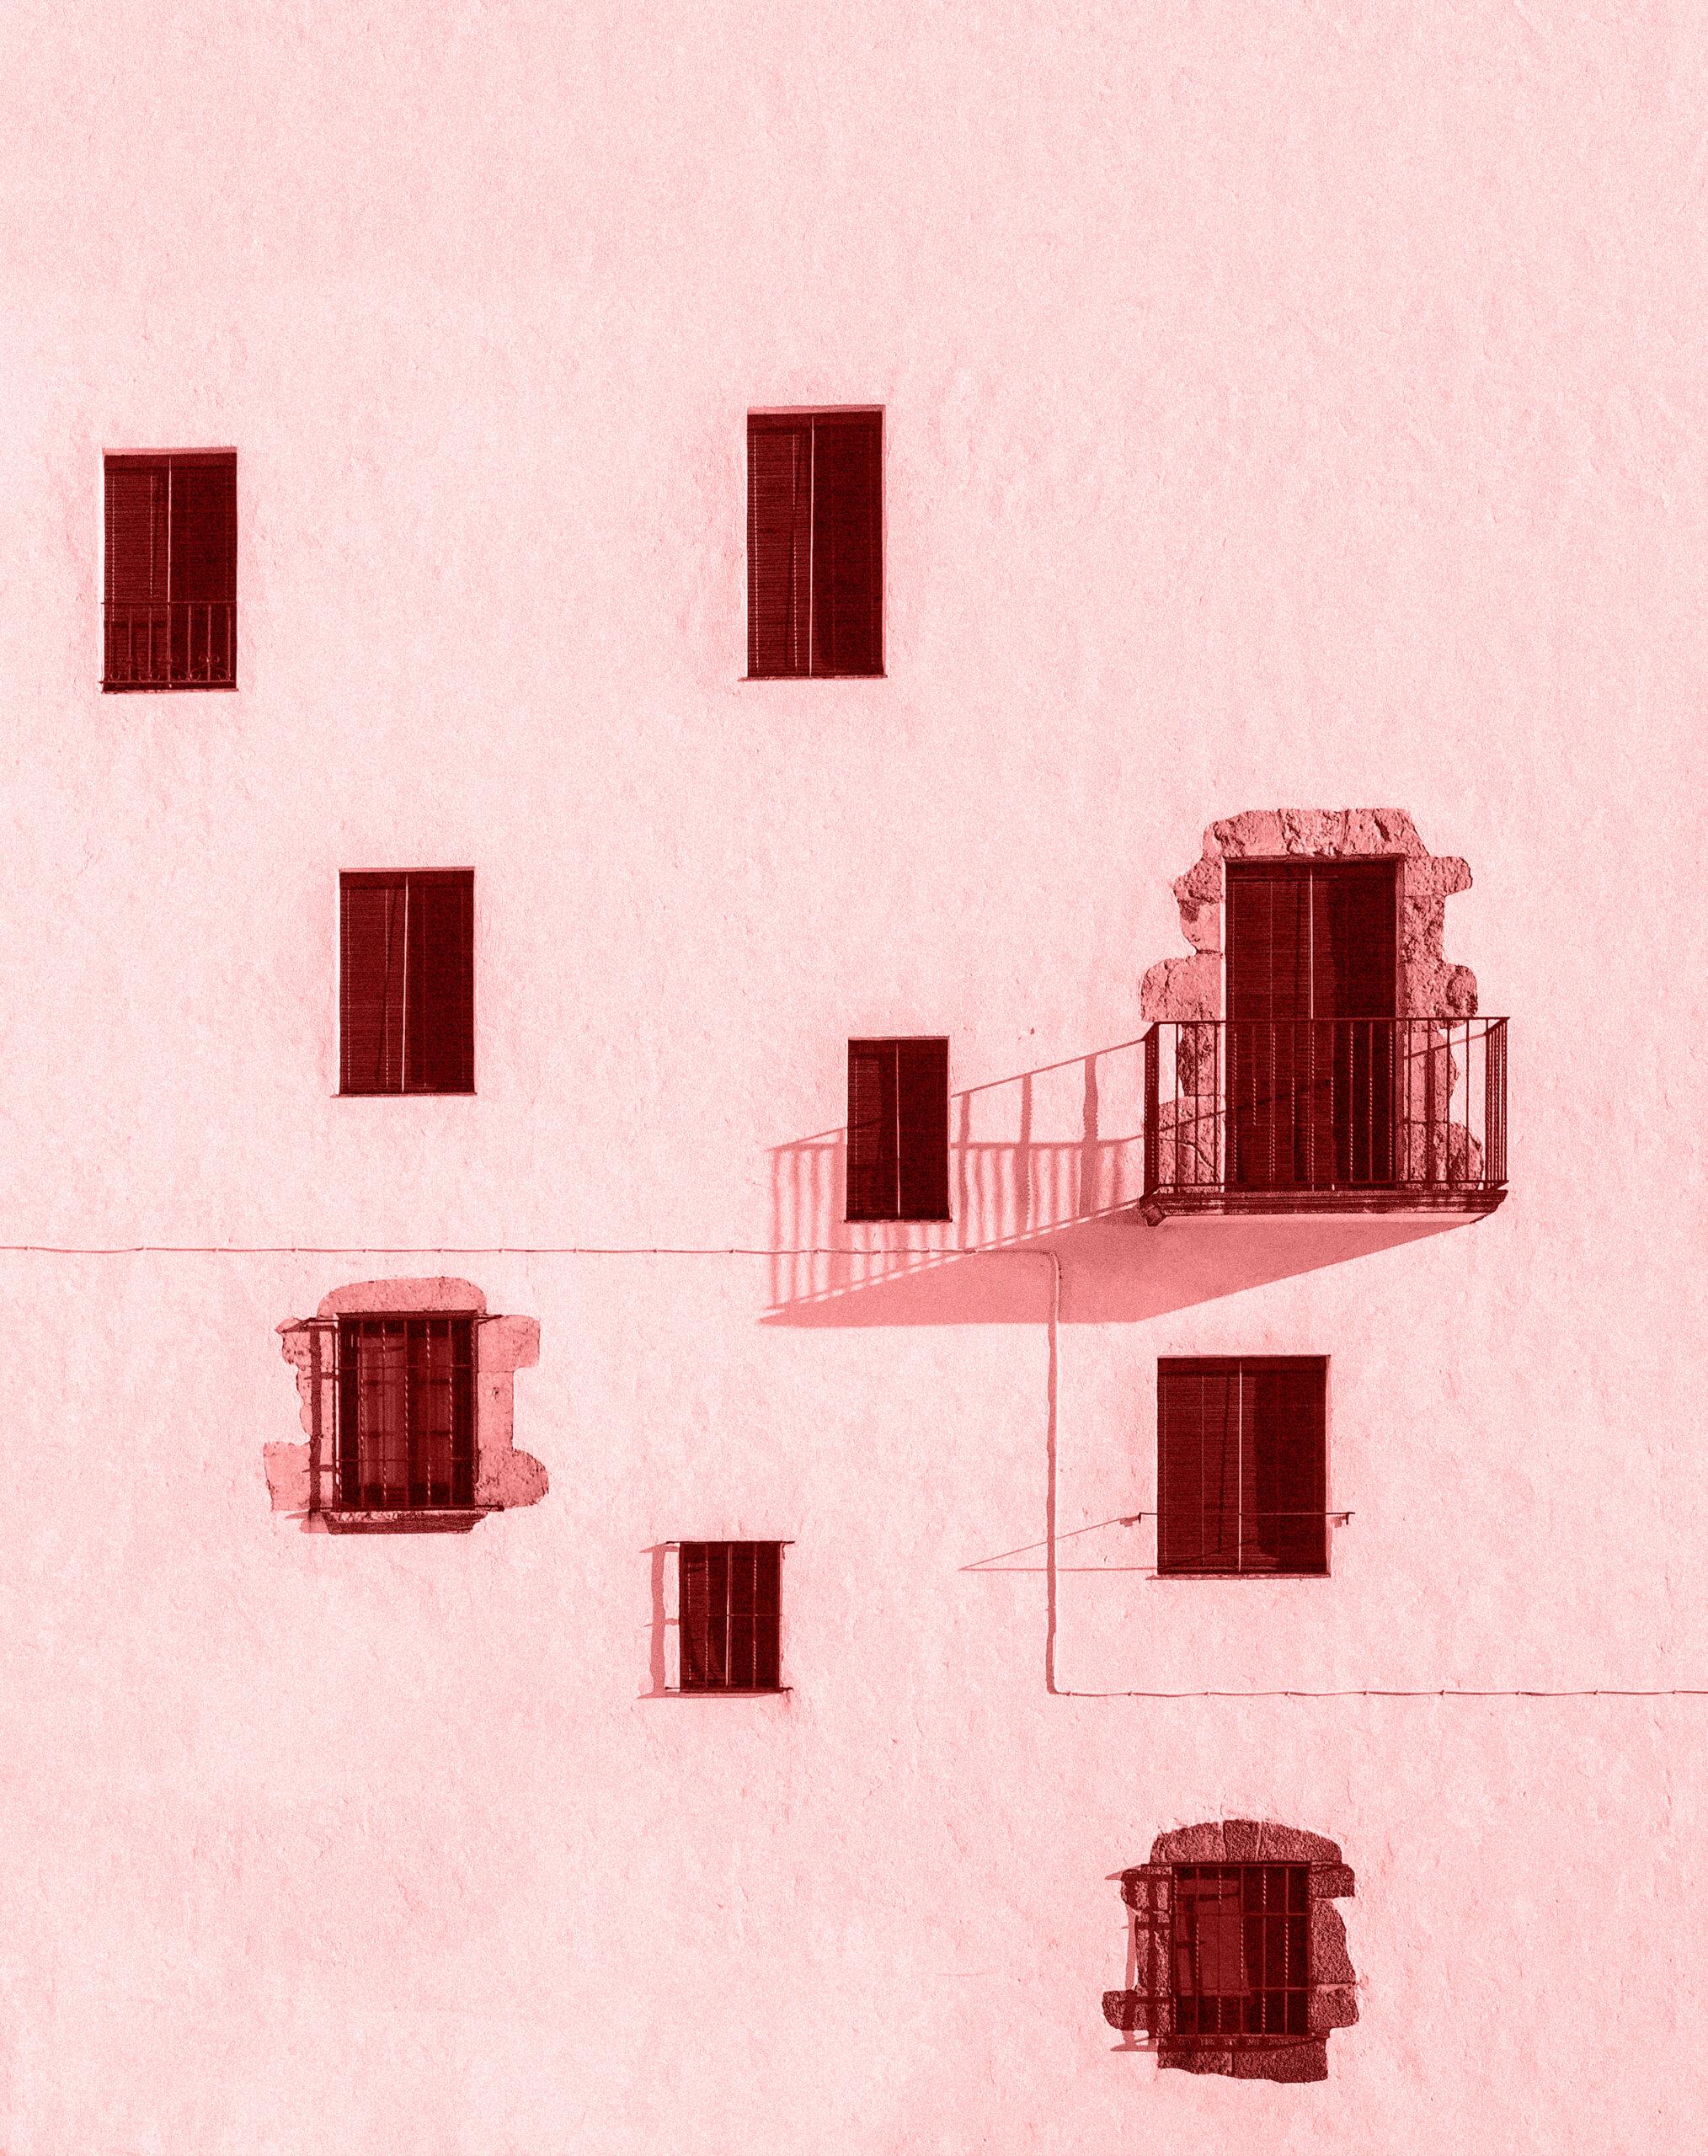 Imagen de una fachada con varias ventanas